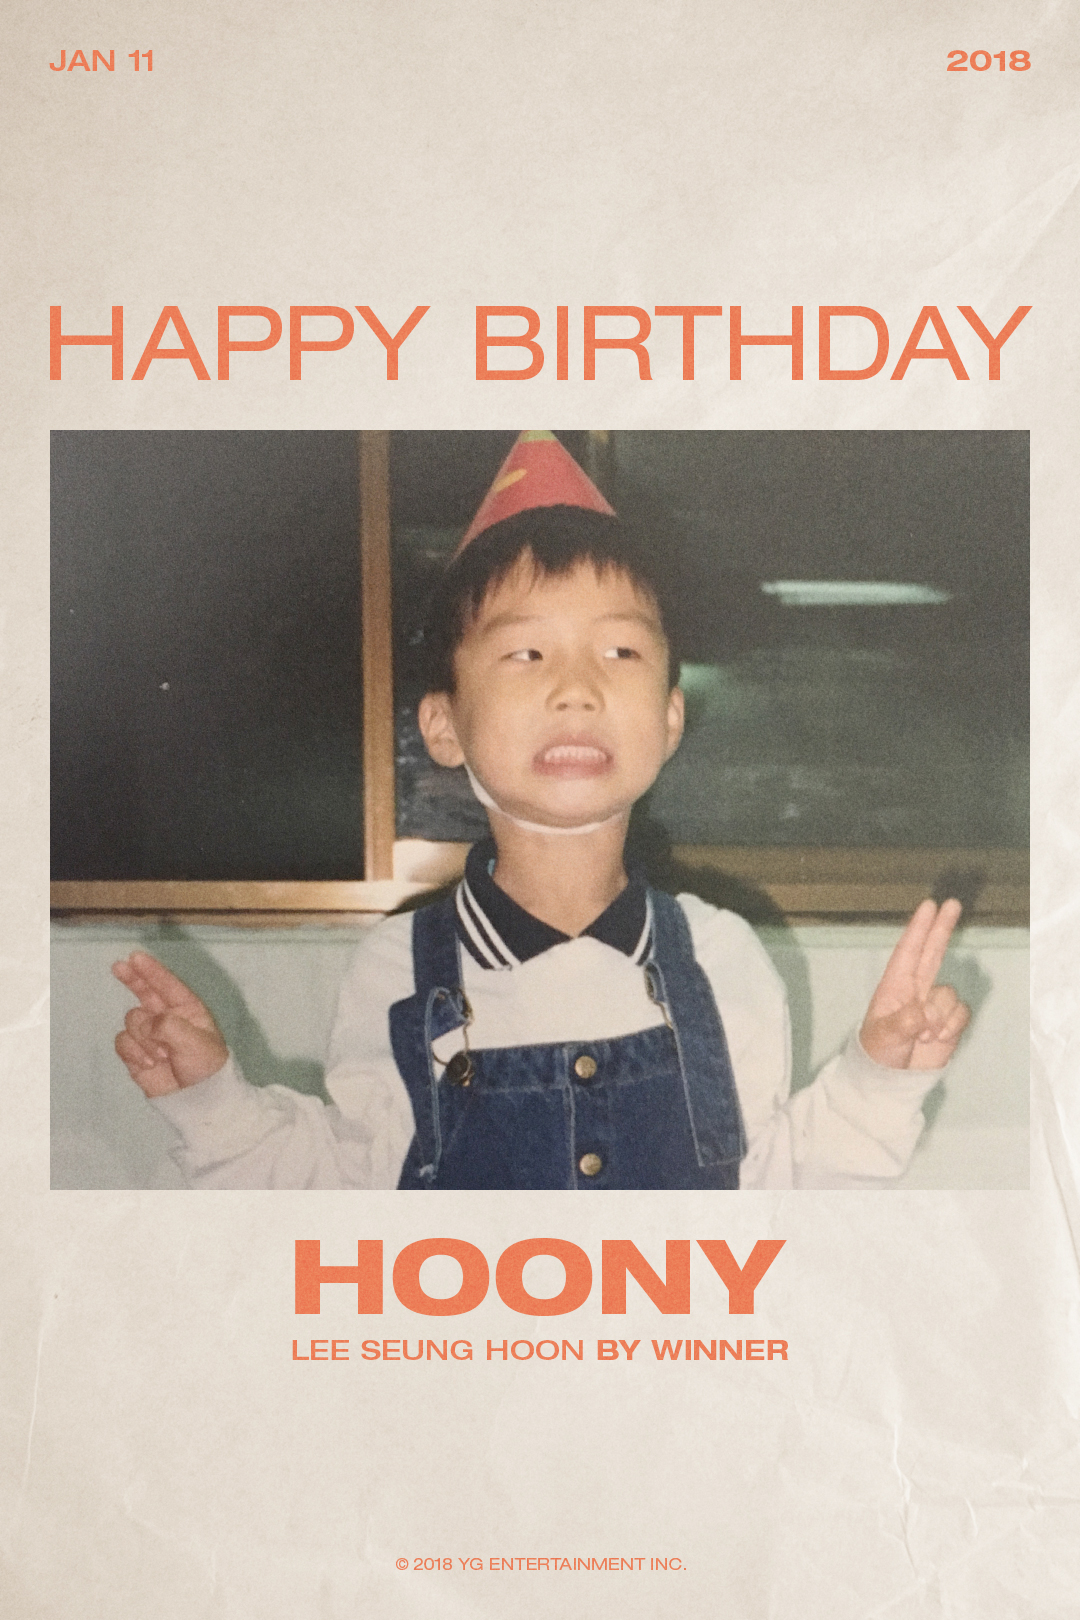 HBD-HOONY+NEW